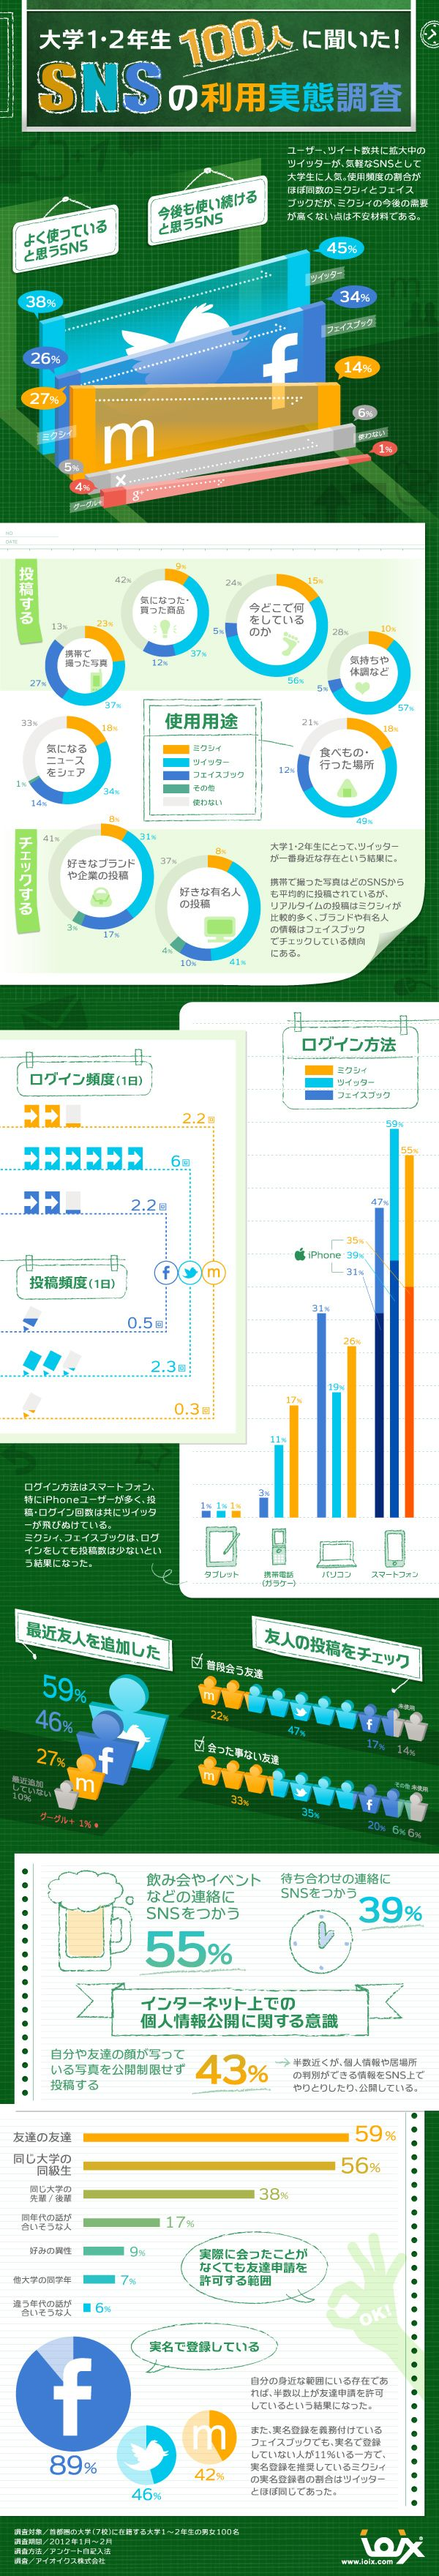 首都圏大学の1・2年生100人に、SNSに関するアンケート調査を行った結果を一枚の絵にまとめたインフォグラフィックです。twitter、fa...